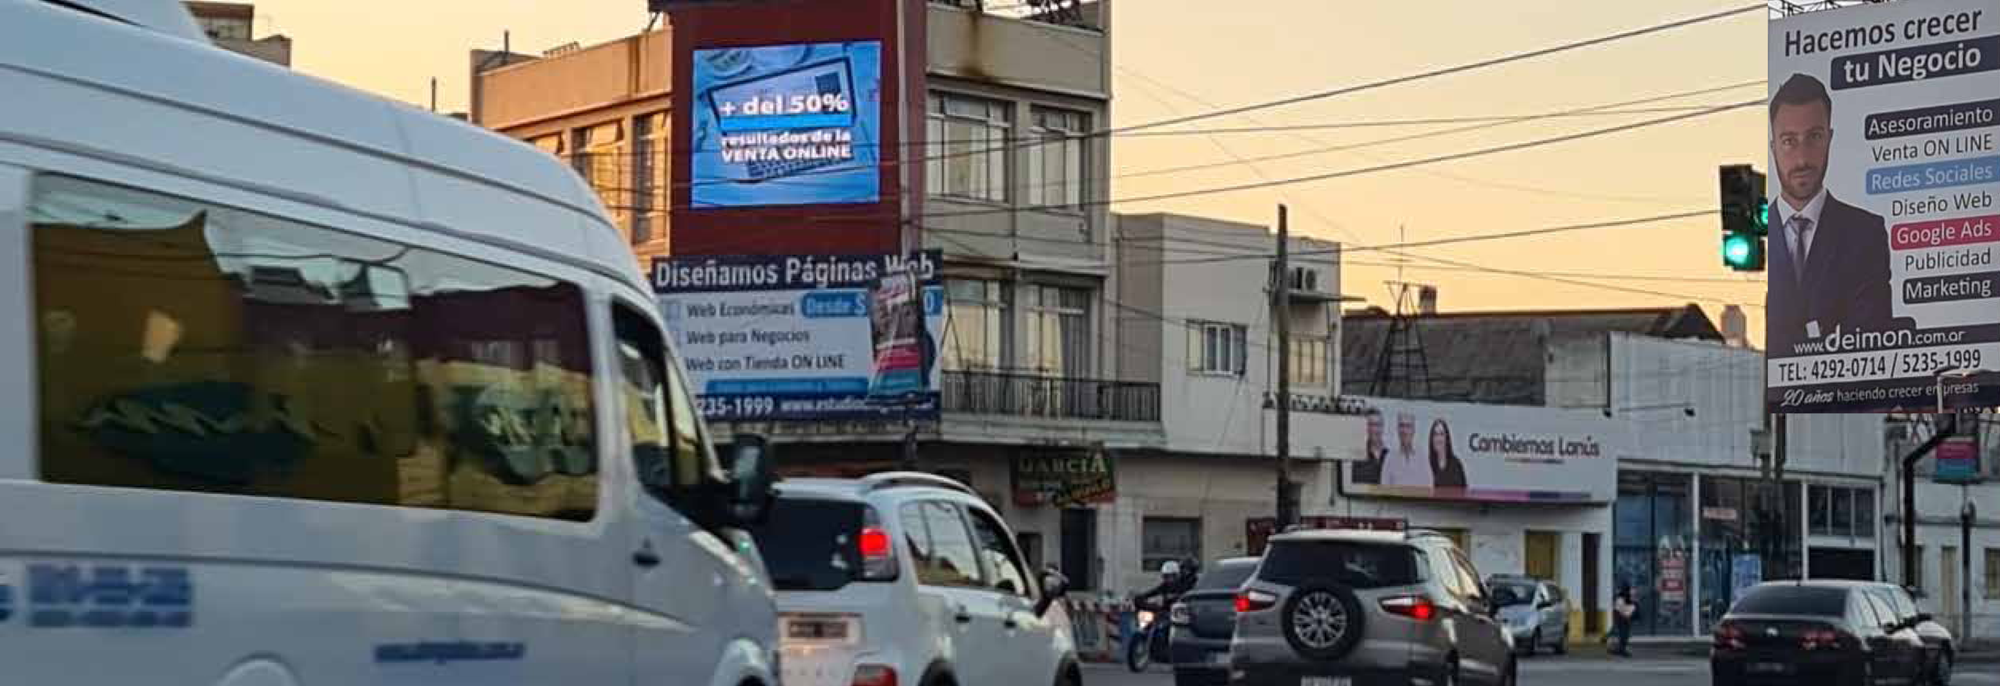 PUBLICIDAD-EN-PANTALLAS-DE-LED-byv-2